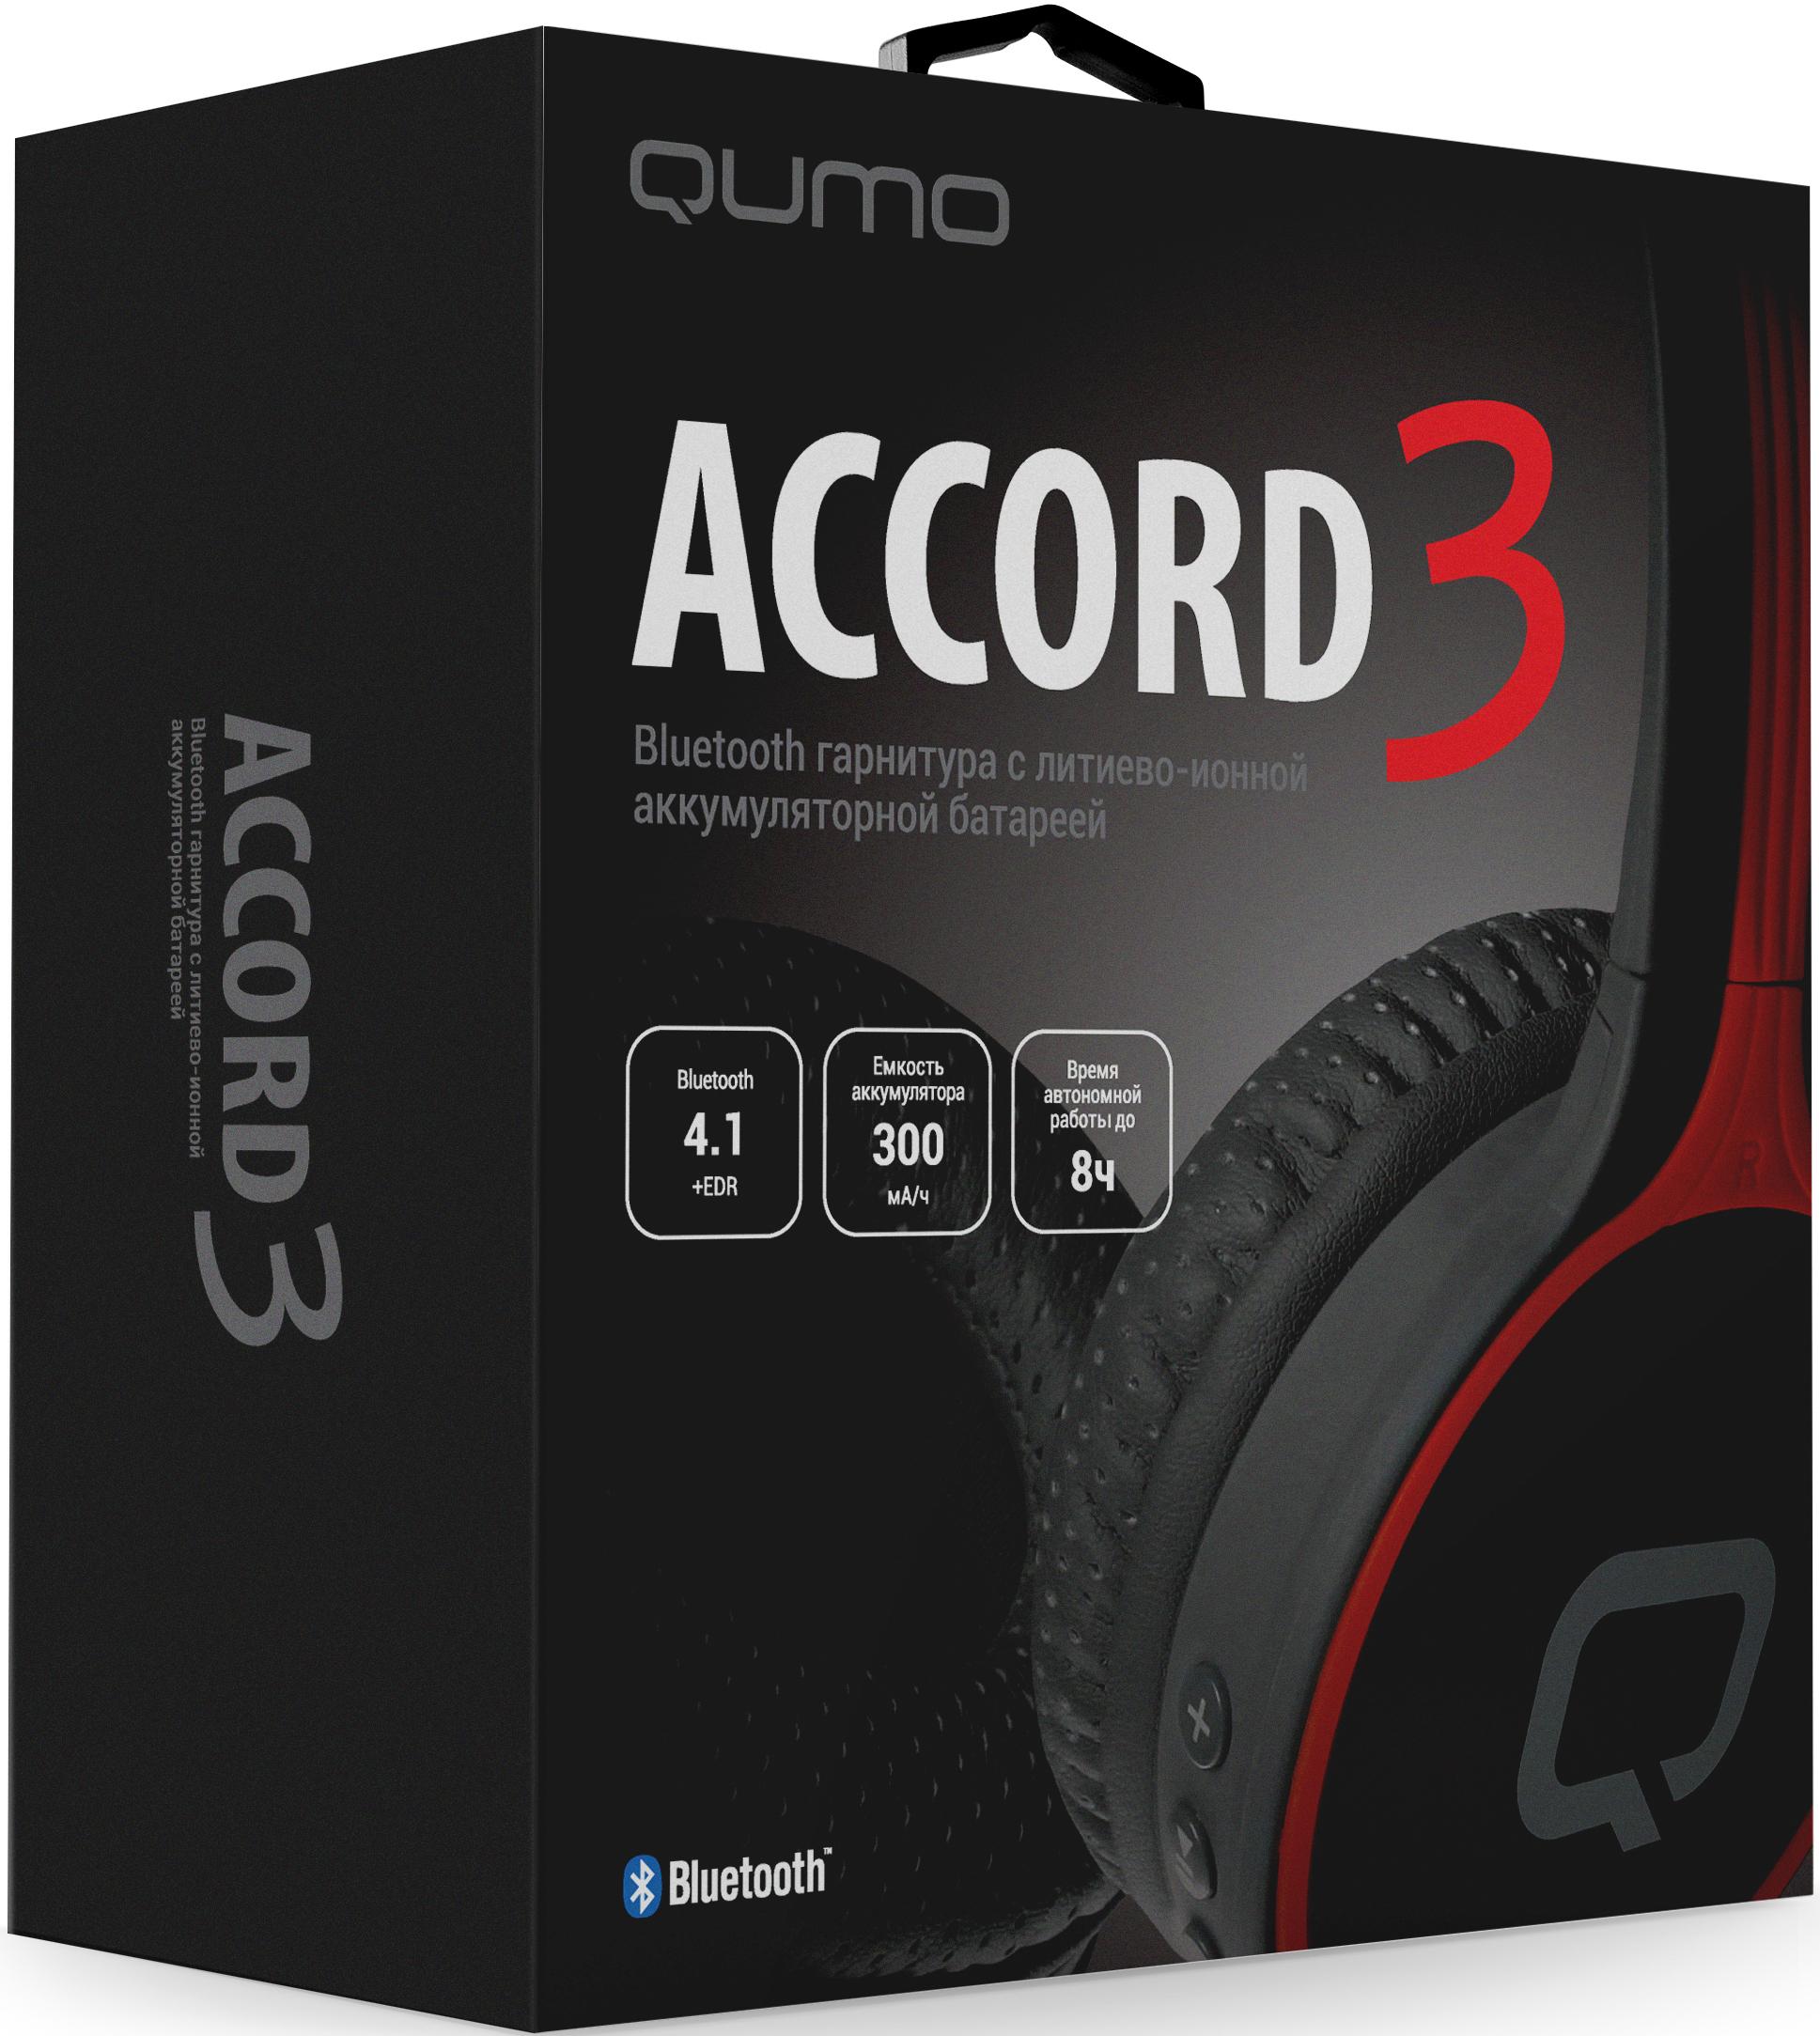 Bluetooth гарнитура Qumo Accord 3 (BT-0020) (Черно-красные) qumo infiniti в перми